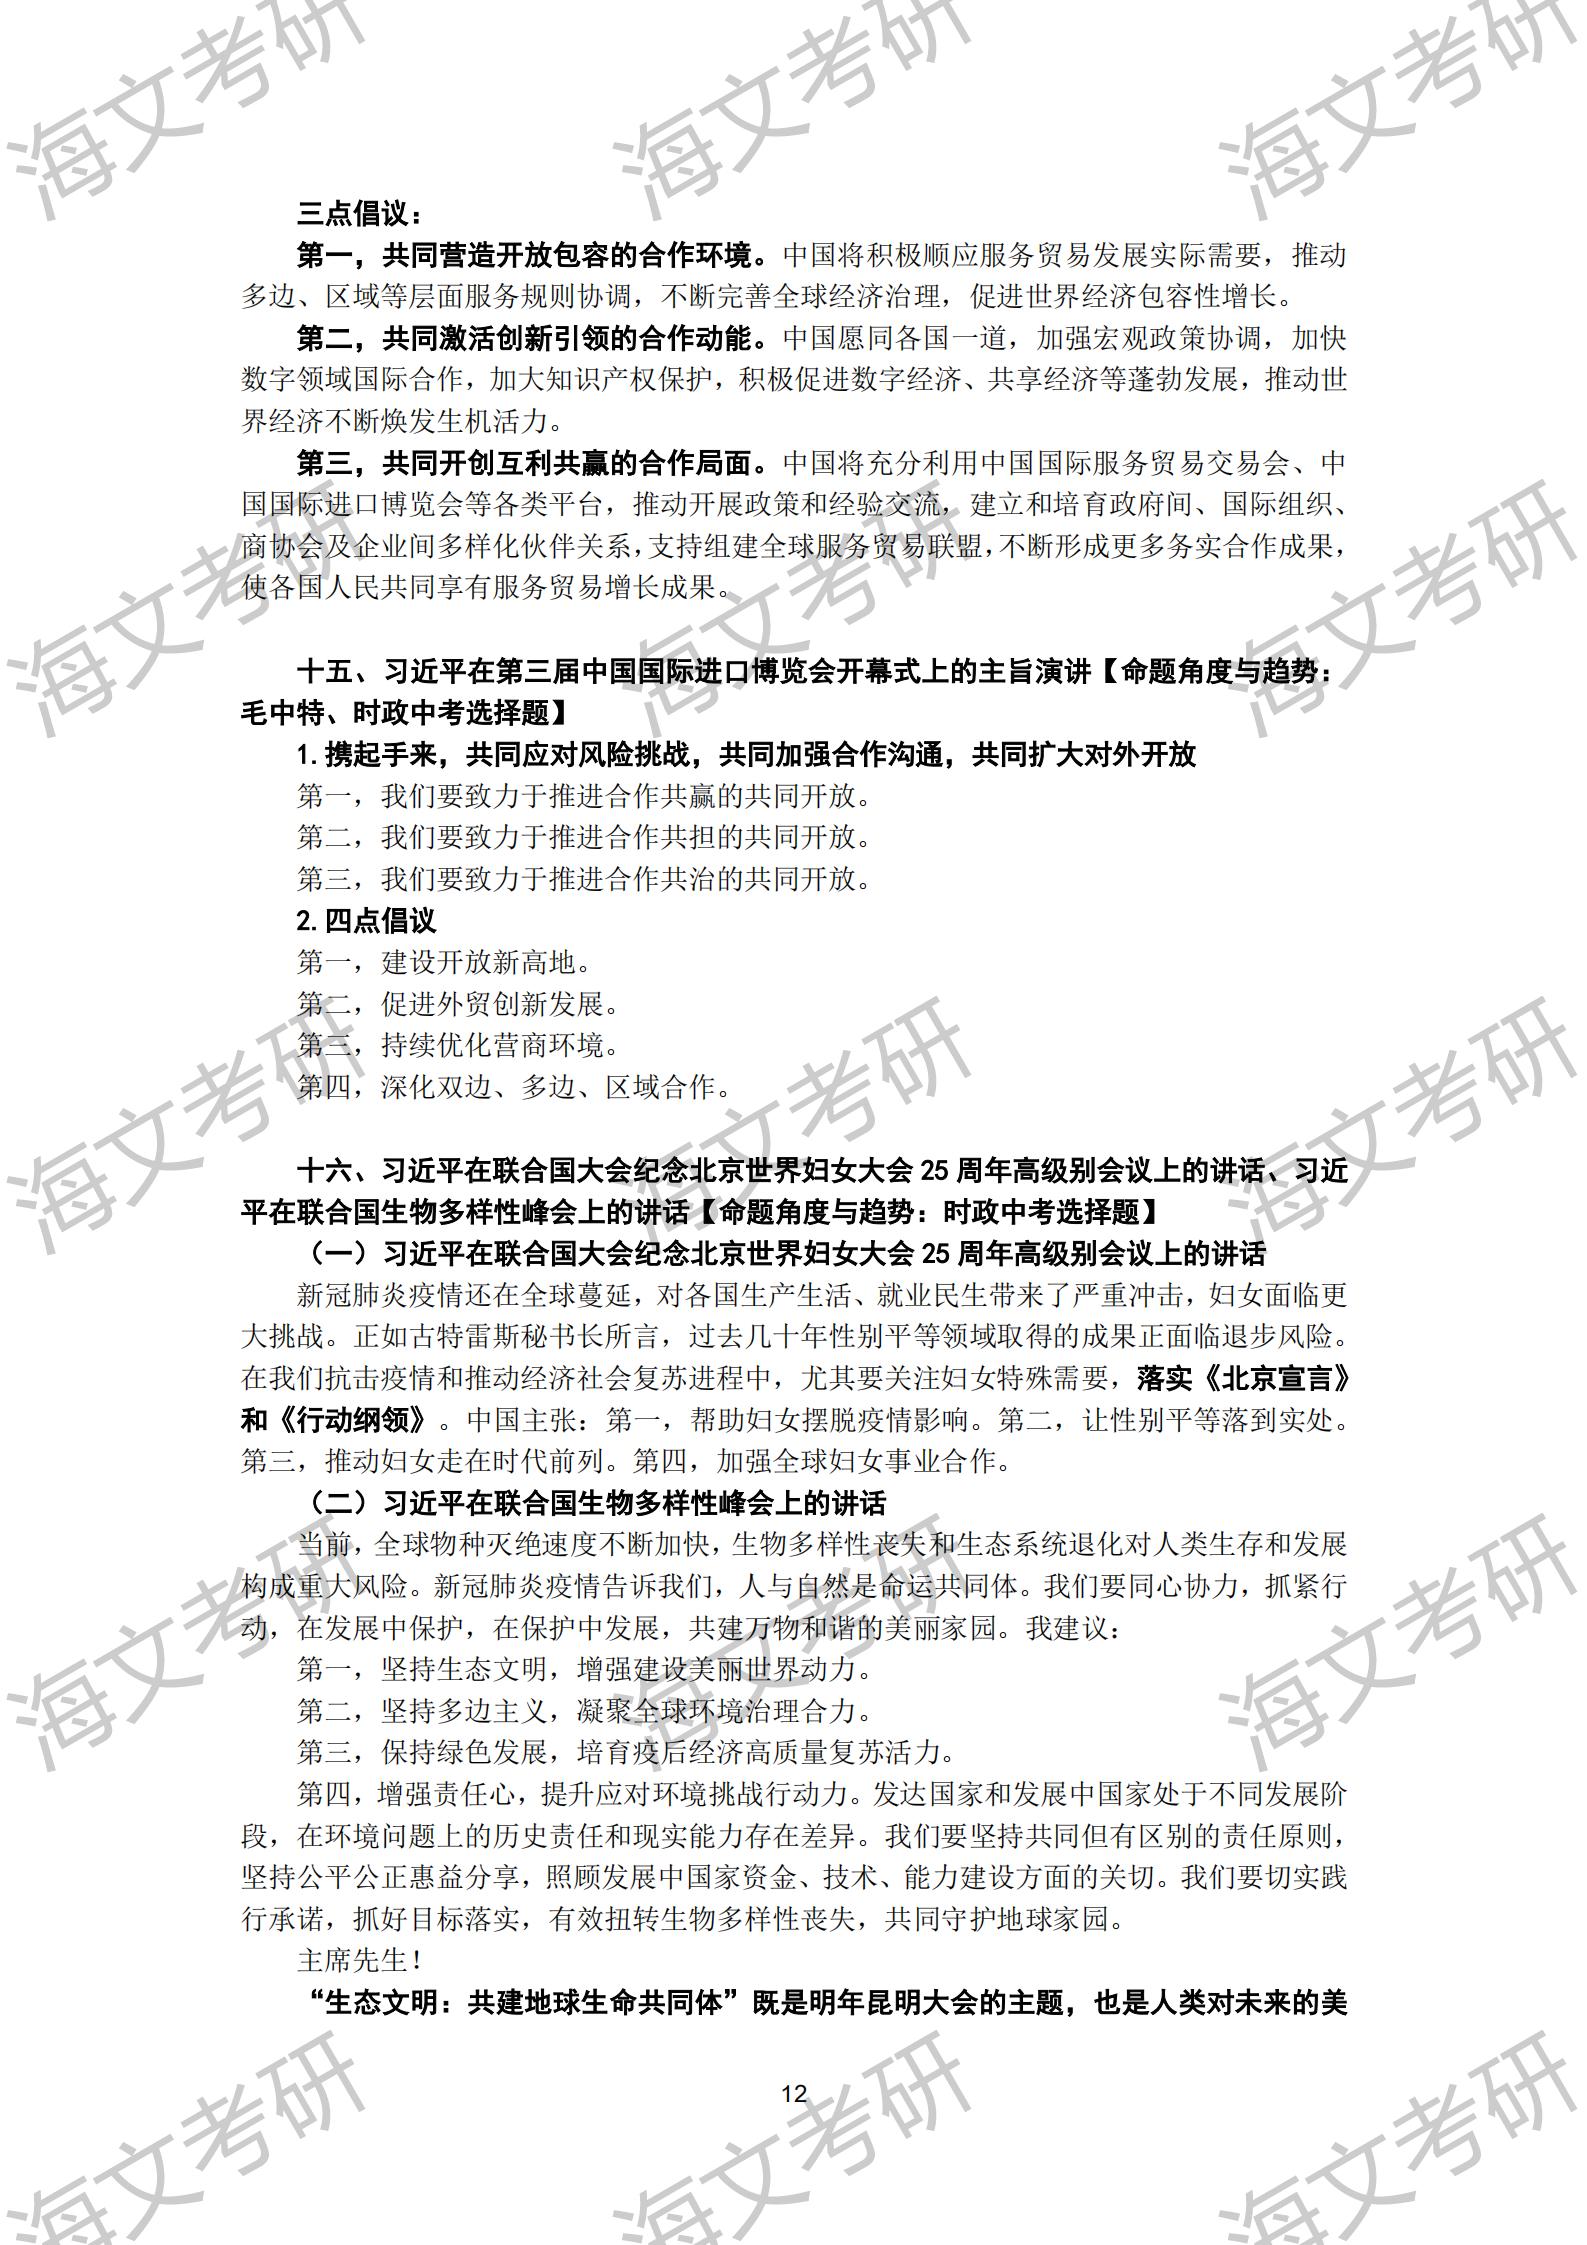 【考研政治】2021考研政治考前必背(用于冲刺全科)_11.png